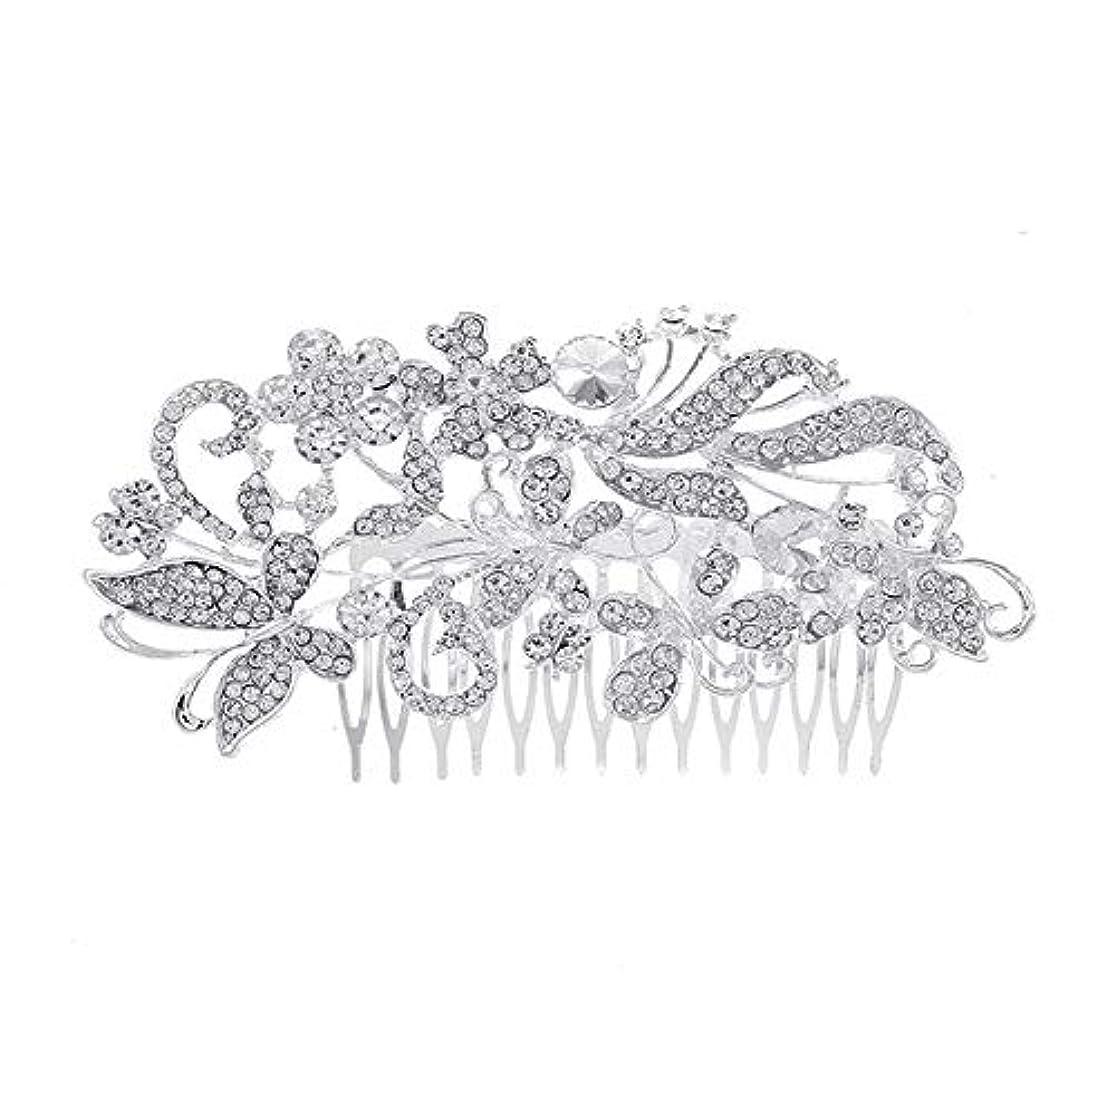 ガラス裁判官社会科髪の櫛、櫛、花嫁の髪の櫛、亜鉛合金、結婚式のアクセサリー、櫛